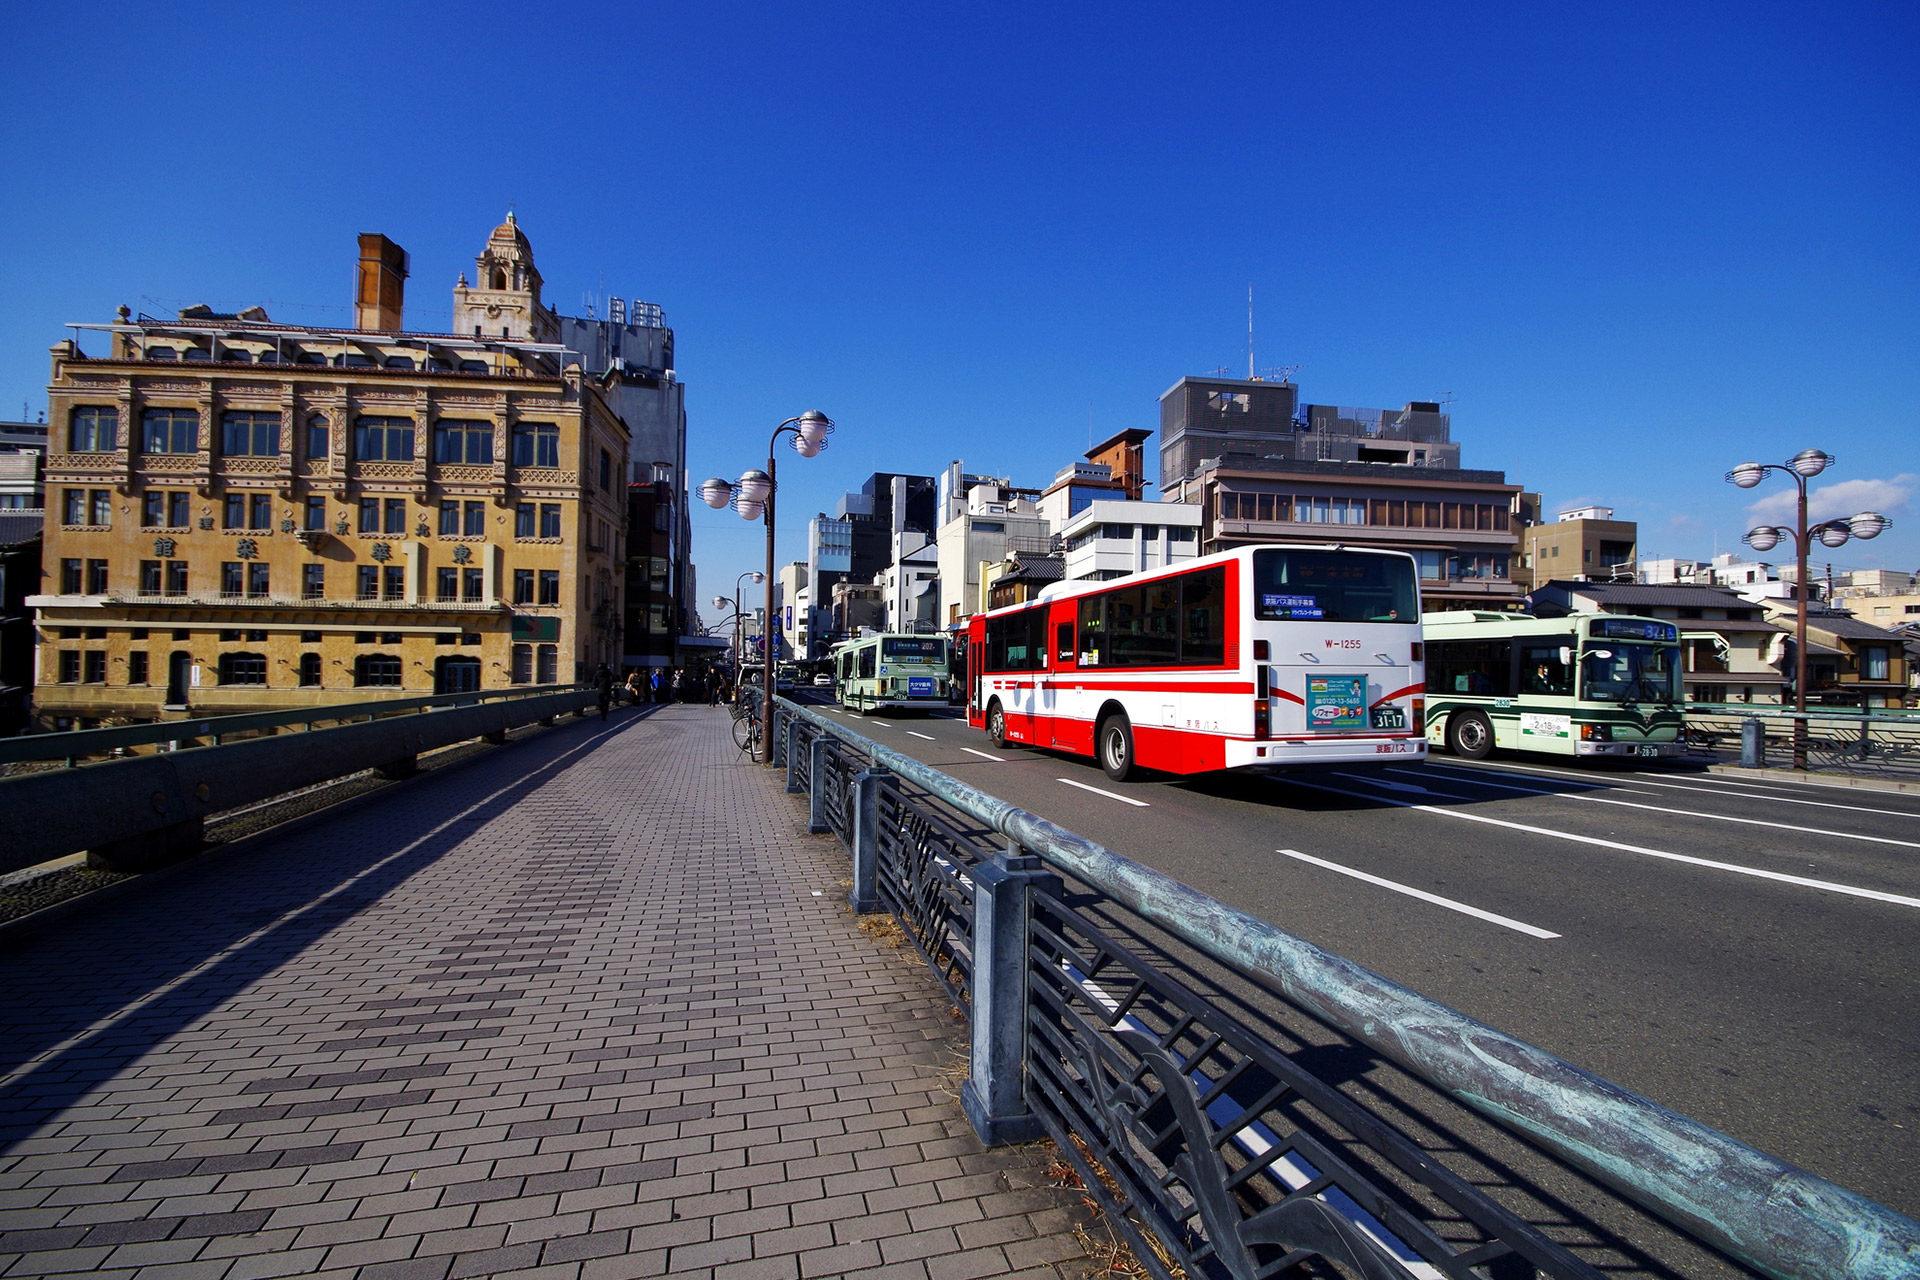 被稱為櫻花名勝的京都推薦的觀光景點是?